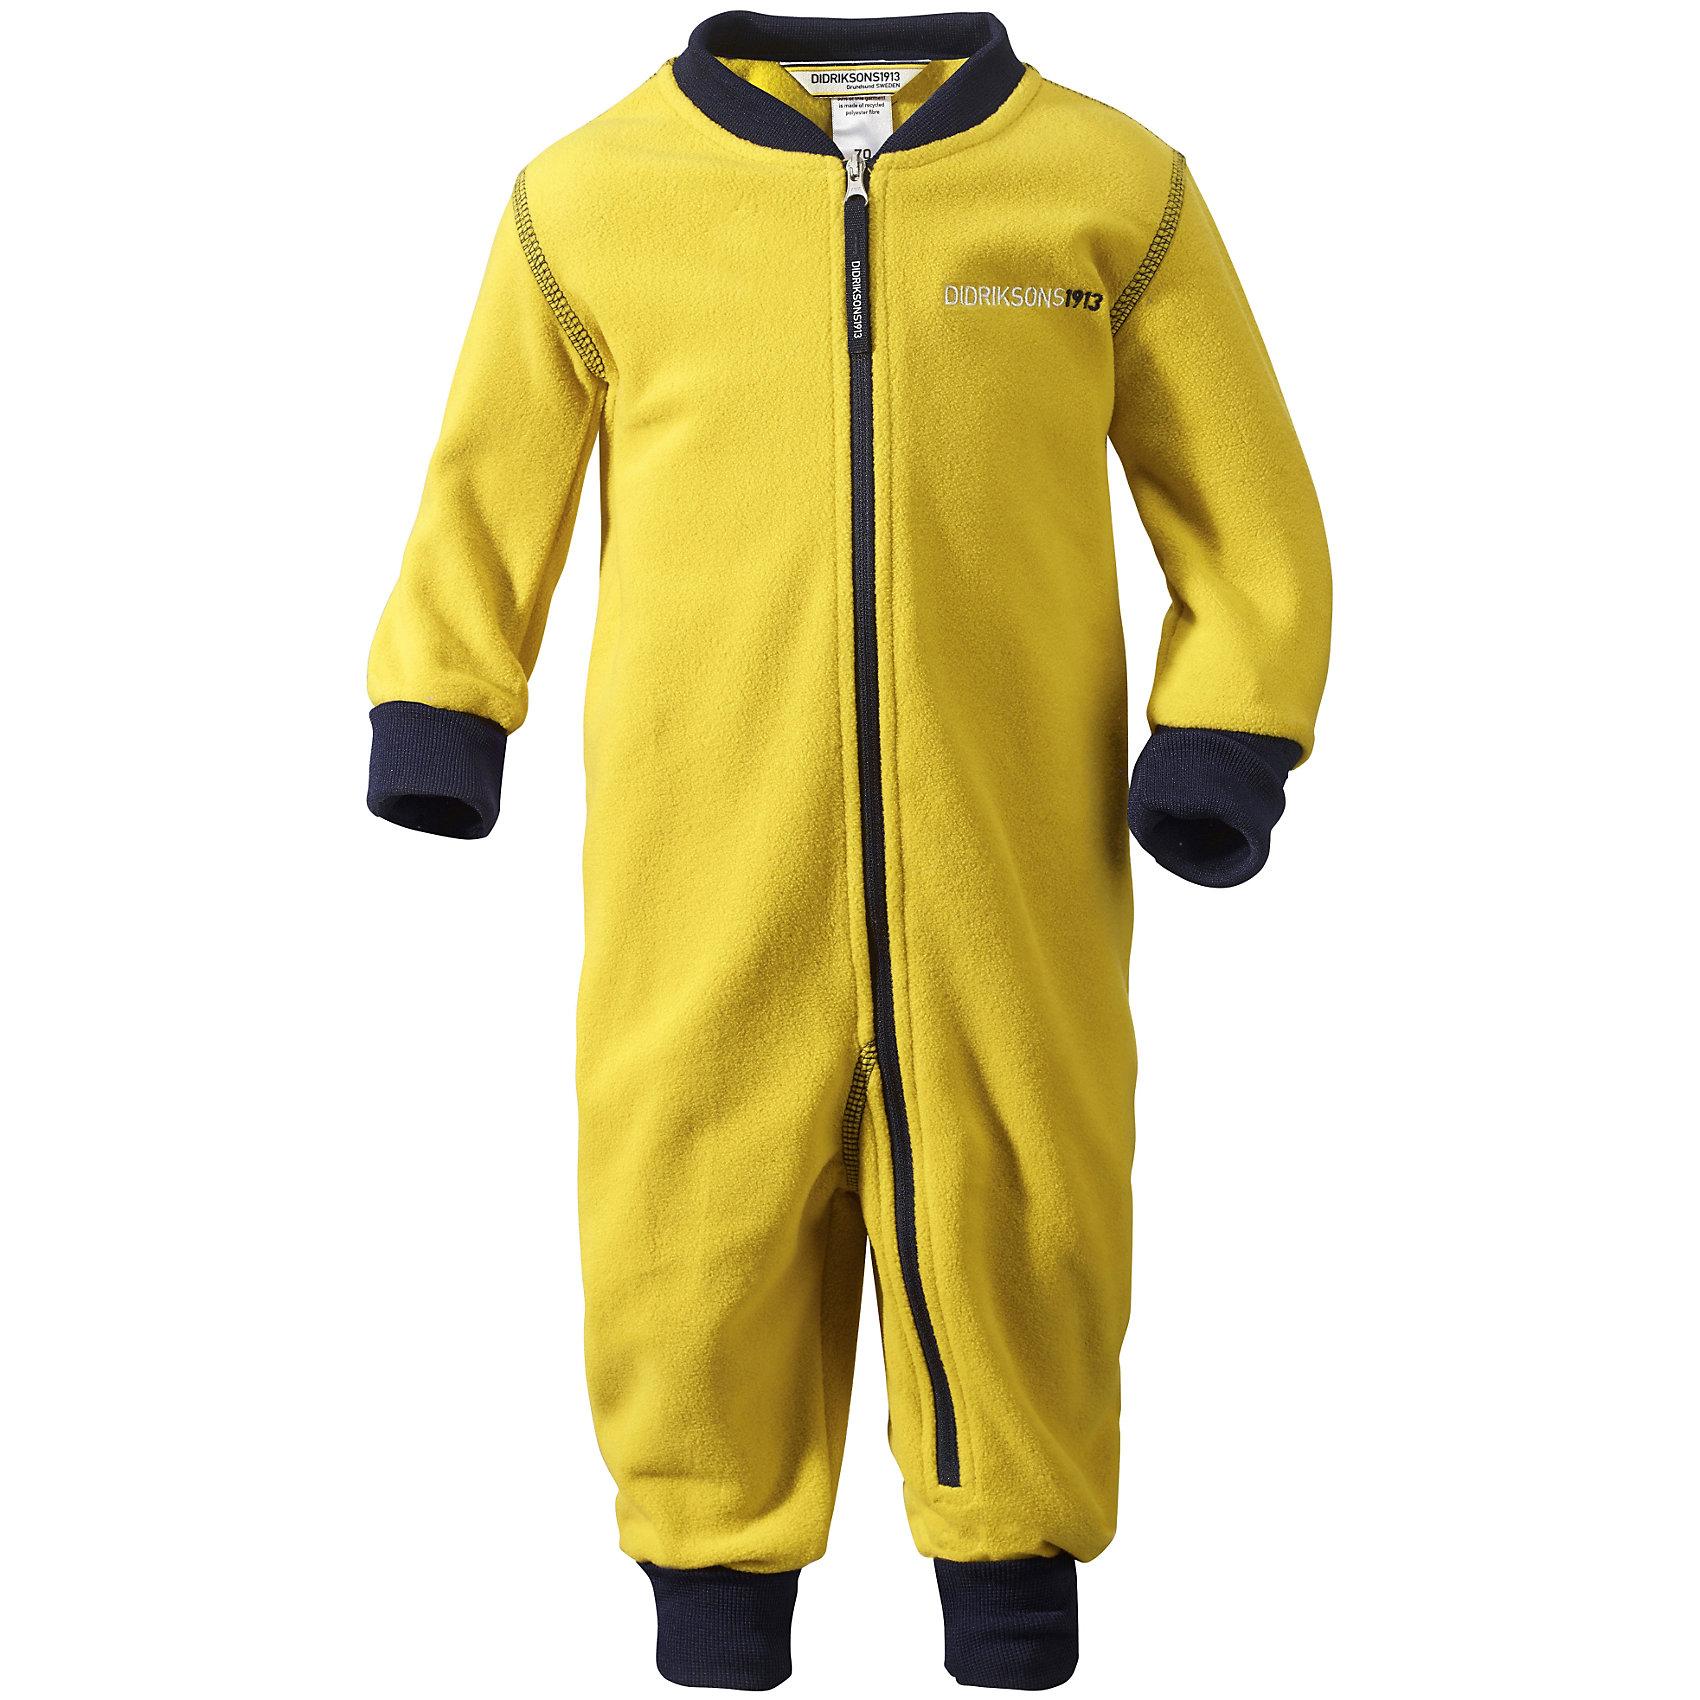 Комбинезон флисовый Jassa DIDRIKSONSКомбинезоны<br>Характеристики товара:<br><br>• цвет: желтый<br>• материал: 100% полиэстер<br>• флис<br>• трикотажные резинки из эластичного материала на рукавах и штанинах<br>• можно надевать под одежду<br>• фронтальная молния<br>• украшен вышивкой<br>• страна бренда: Швеция<br>• страна производства: Китай<br><br>Такие мягкие комбинезоны сейчас очень популярны! Это не только стильно, но еще и очень комфортно, а также тепло. Качественная флисовая вещь обеспечит ребенку удобство при прогулках и активном отдыхе в прохладные дне, в межсезонье или зимой. Такая модель от шведского производителя легко стирается, подходит под разные погодные условия.<br>Модель сшита из качественной мягкой ткани, которая позволяет телу дышать, она приятна на ощупь. Очень стильная и удобная модель! Изделие качественно выполнено, сделано из безопасных для детей материалов. <br><br>Комбинезон от бренда DIDRIKSONS можно купить в нашем интернет-магазине.<br><br>Ширина мм: 356<br>Глубина мм: 10<br>Высота мм: 245<br>Вес г: 519<br>Цвет: желтый<br>Возраст от месяцев: 4<br>Возраст до месяцев: 6<br>Пол: Унисекс<br>Возраст: Детский<br>Размер: 60,70,80<br>SKU: 5043939